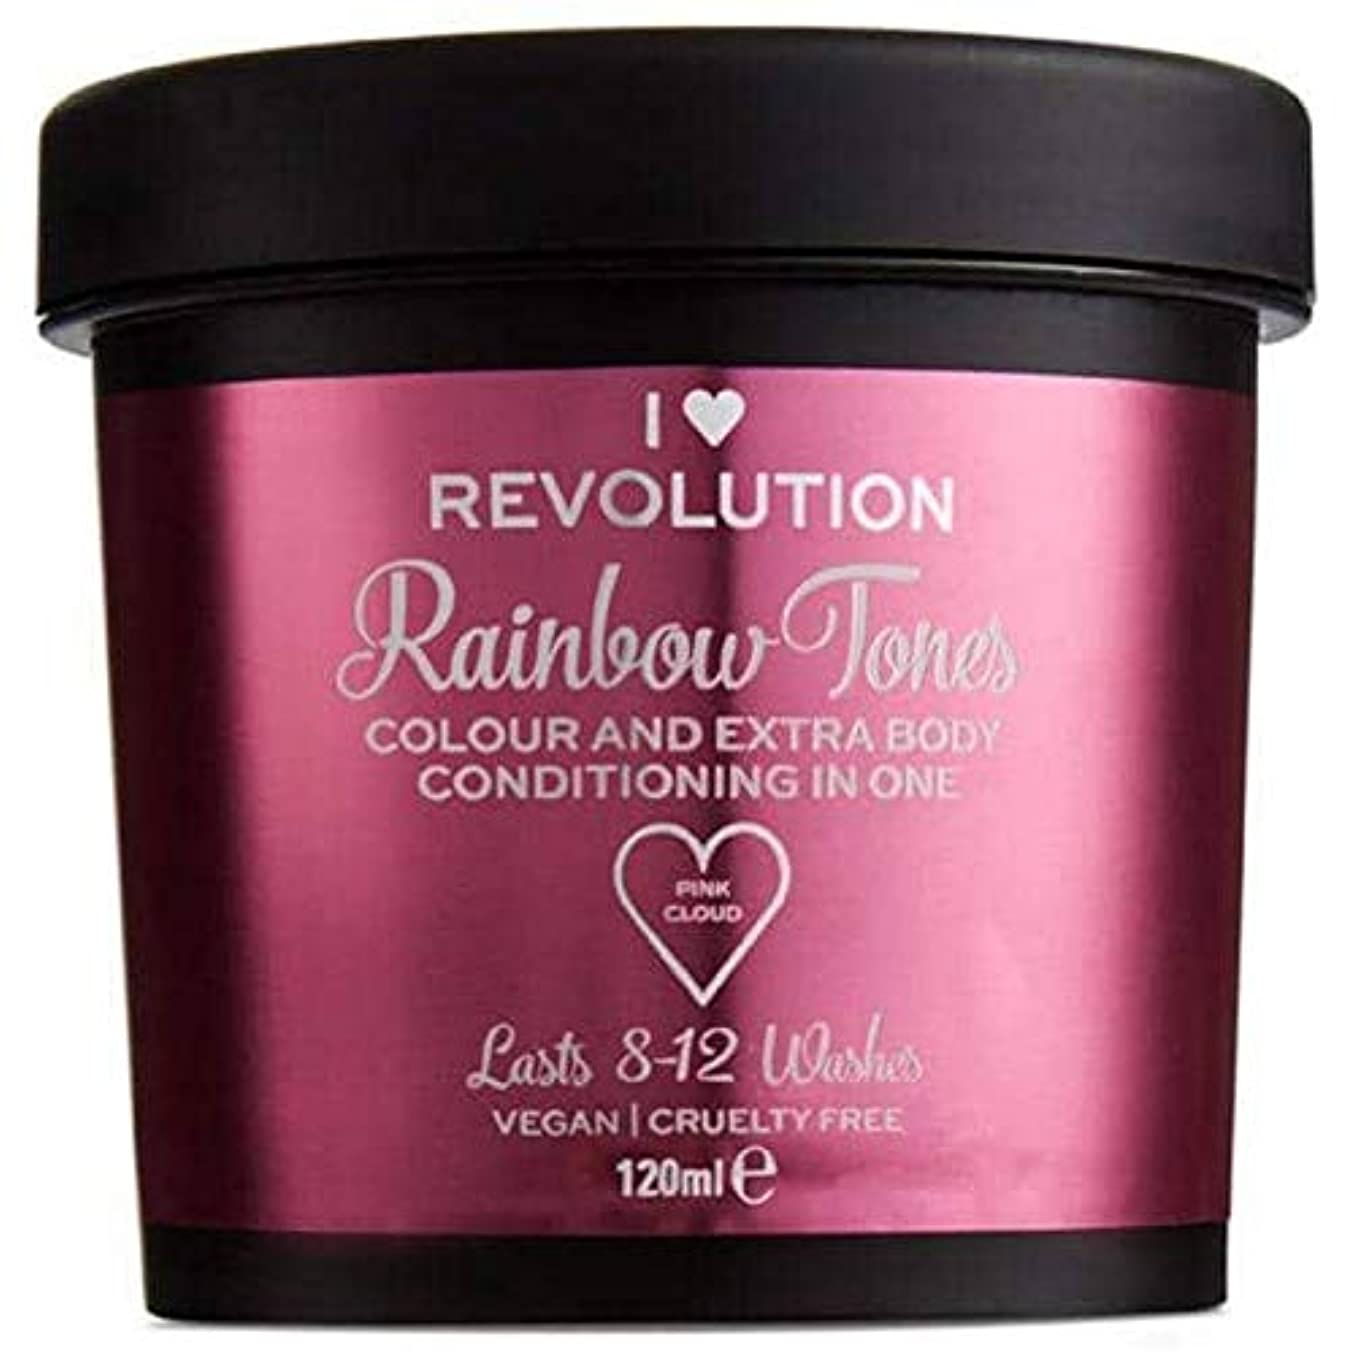 頭痛やむを得ない可動式[I Heart Revolution ] 私の心の革命虹トーンピンククラウド120ミリリットル - I Heart Revolution Rainbow Tones Pink Cloud 120ml [並行輸入品]